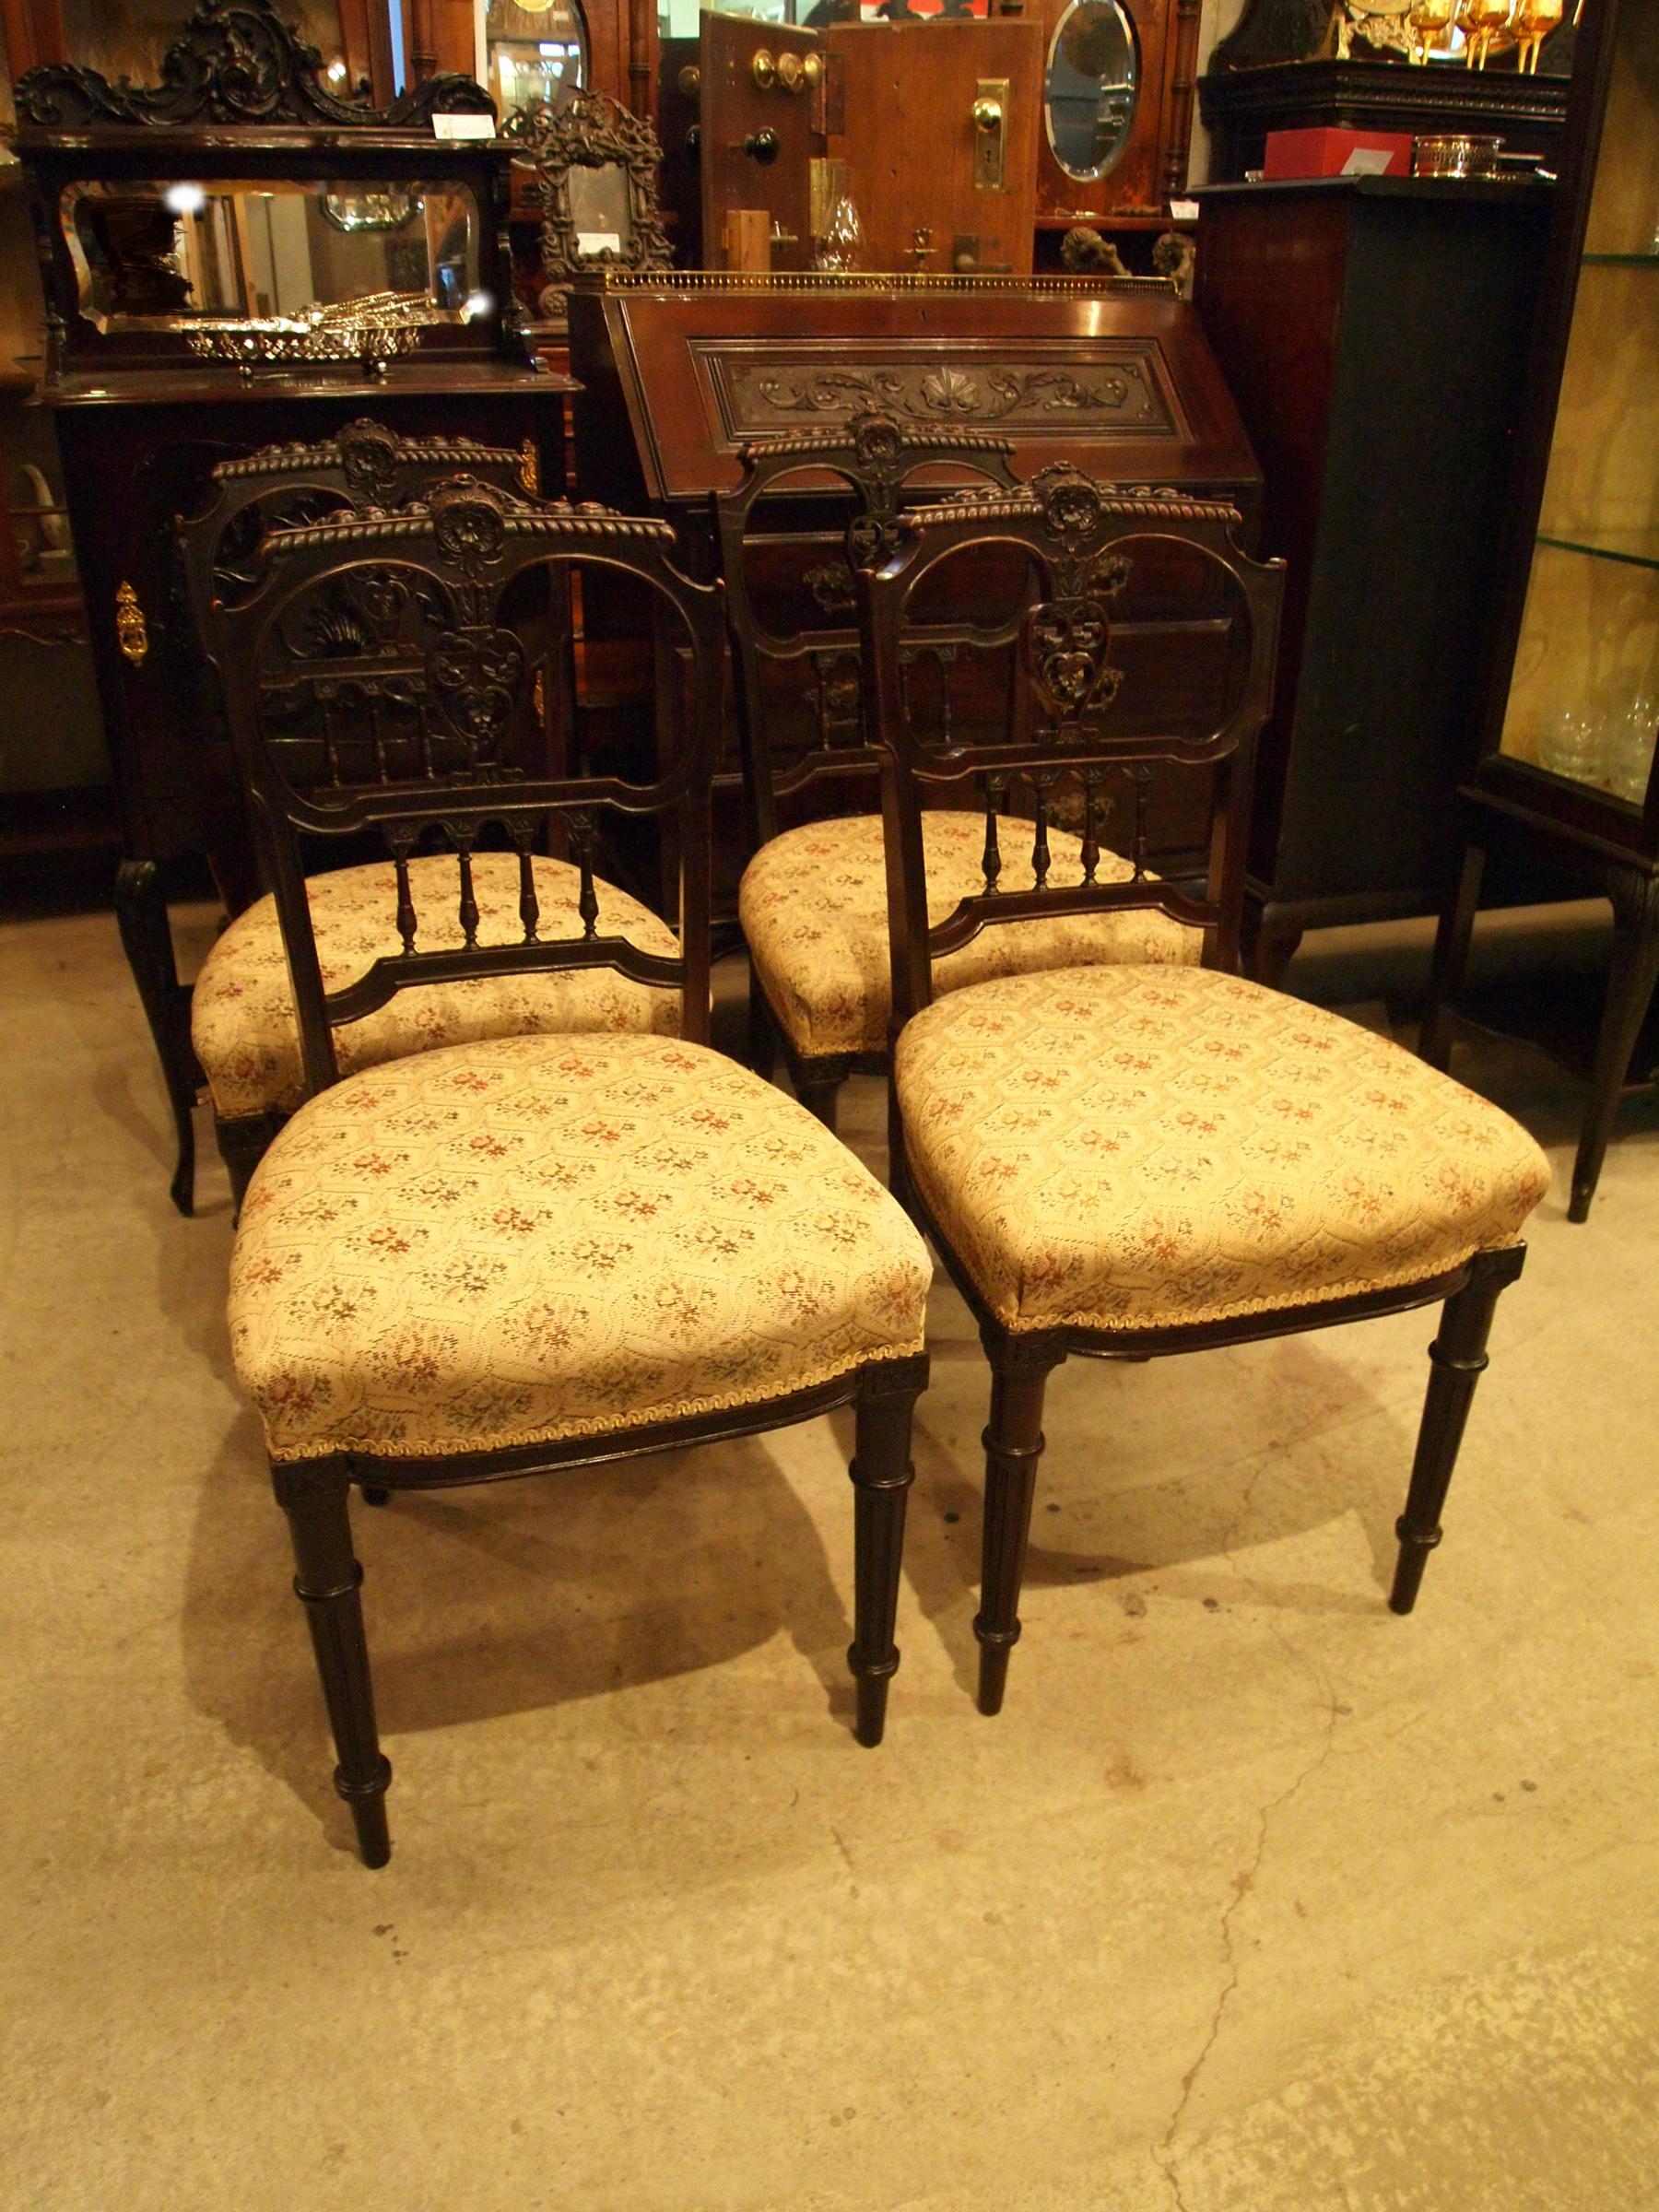 chair181221b_02.JPG